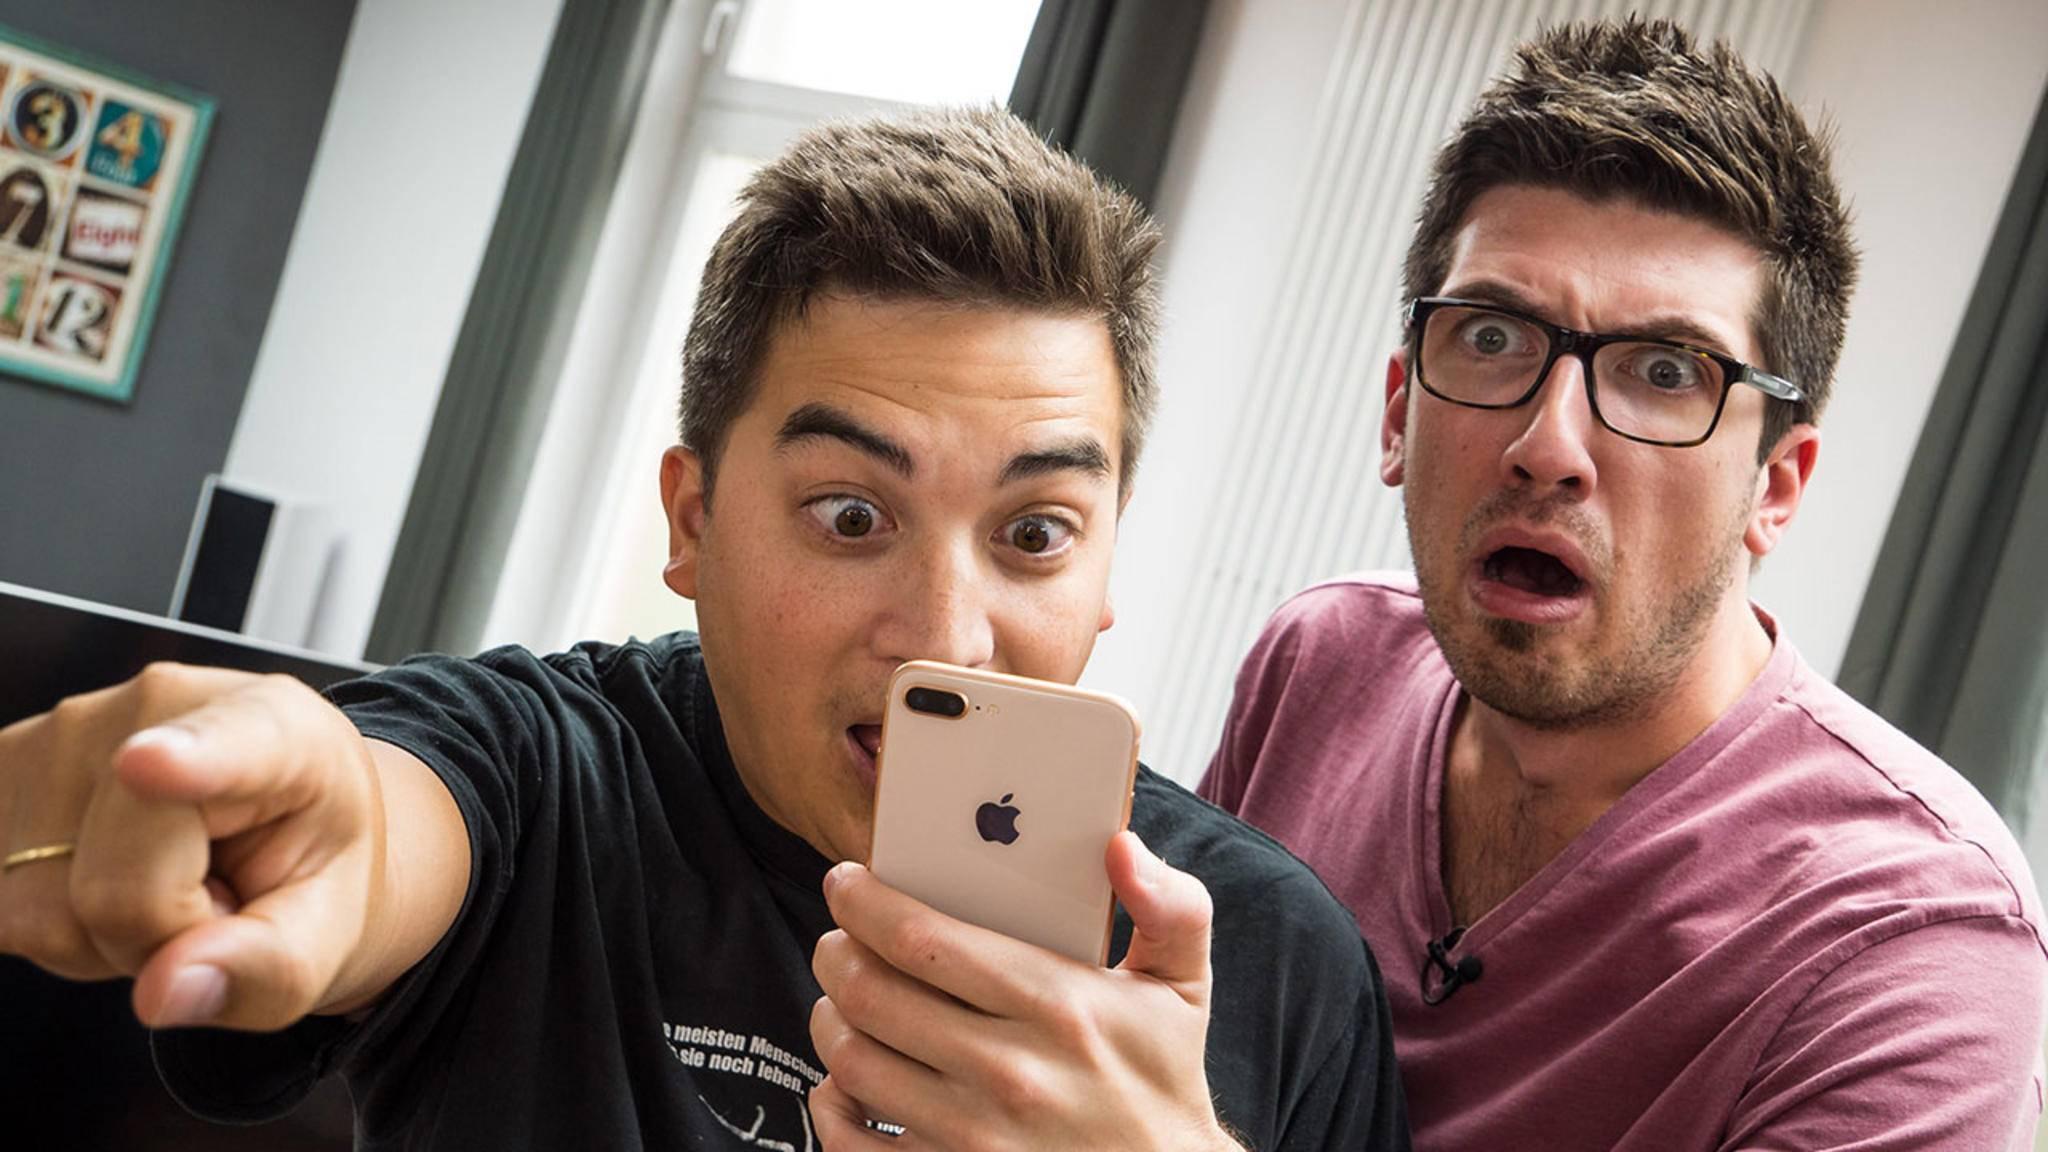 Staunende Gesichter: Es gibt unzählige iOS-Gesten, die kaum jemand kennt.